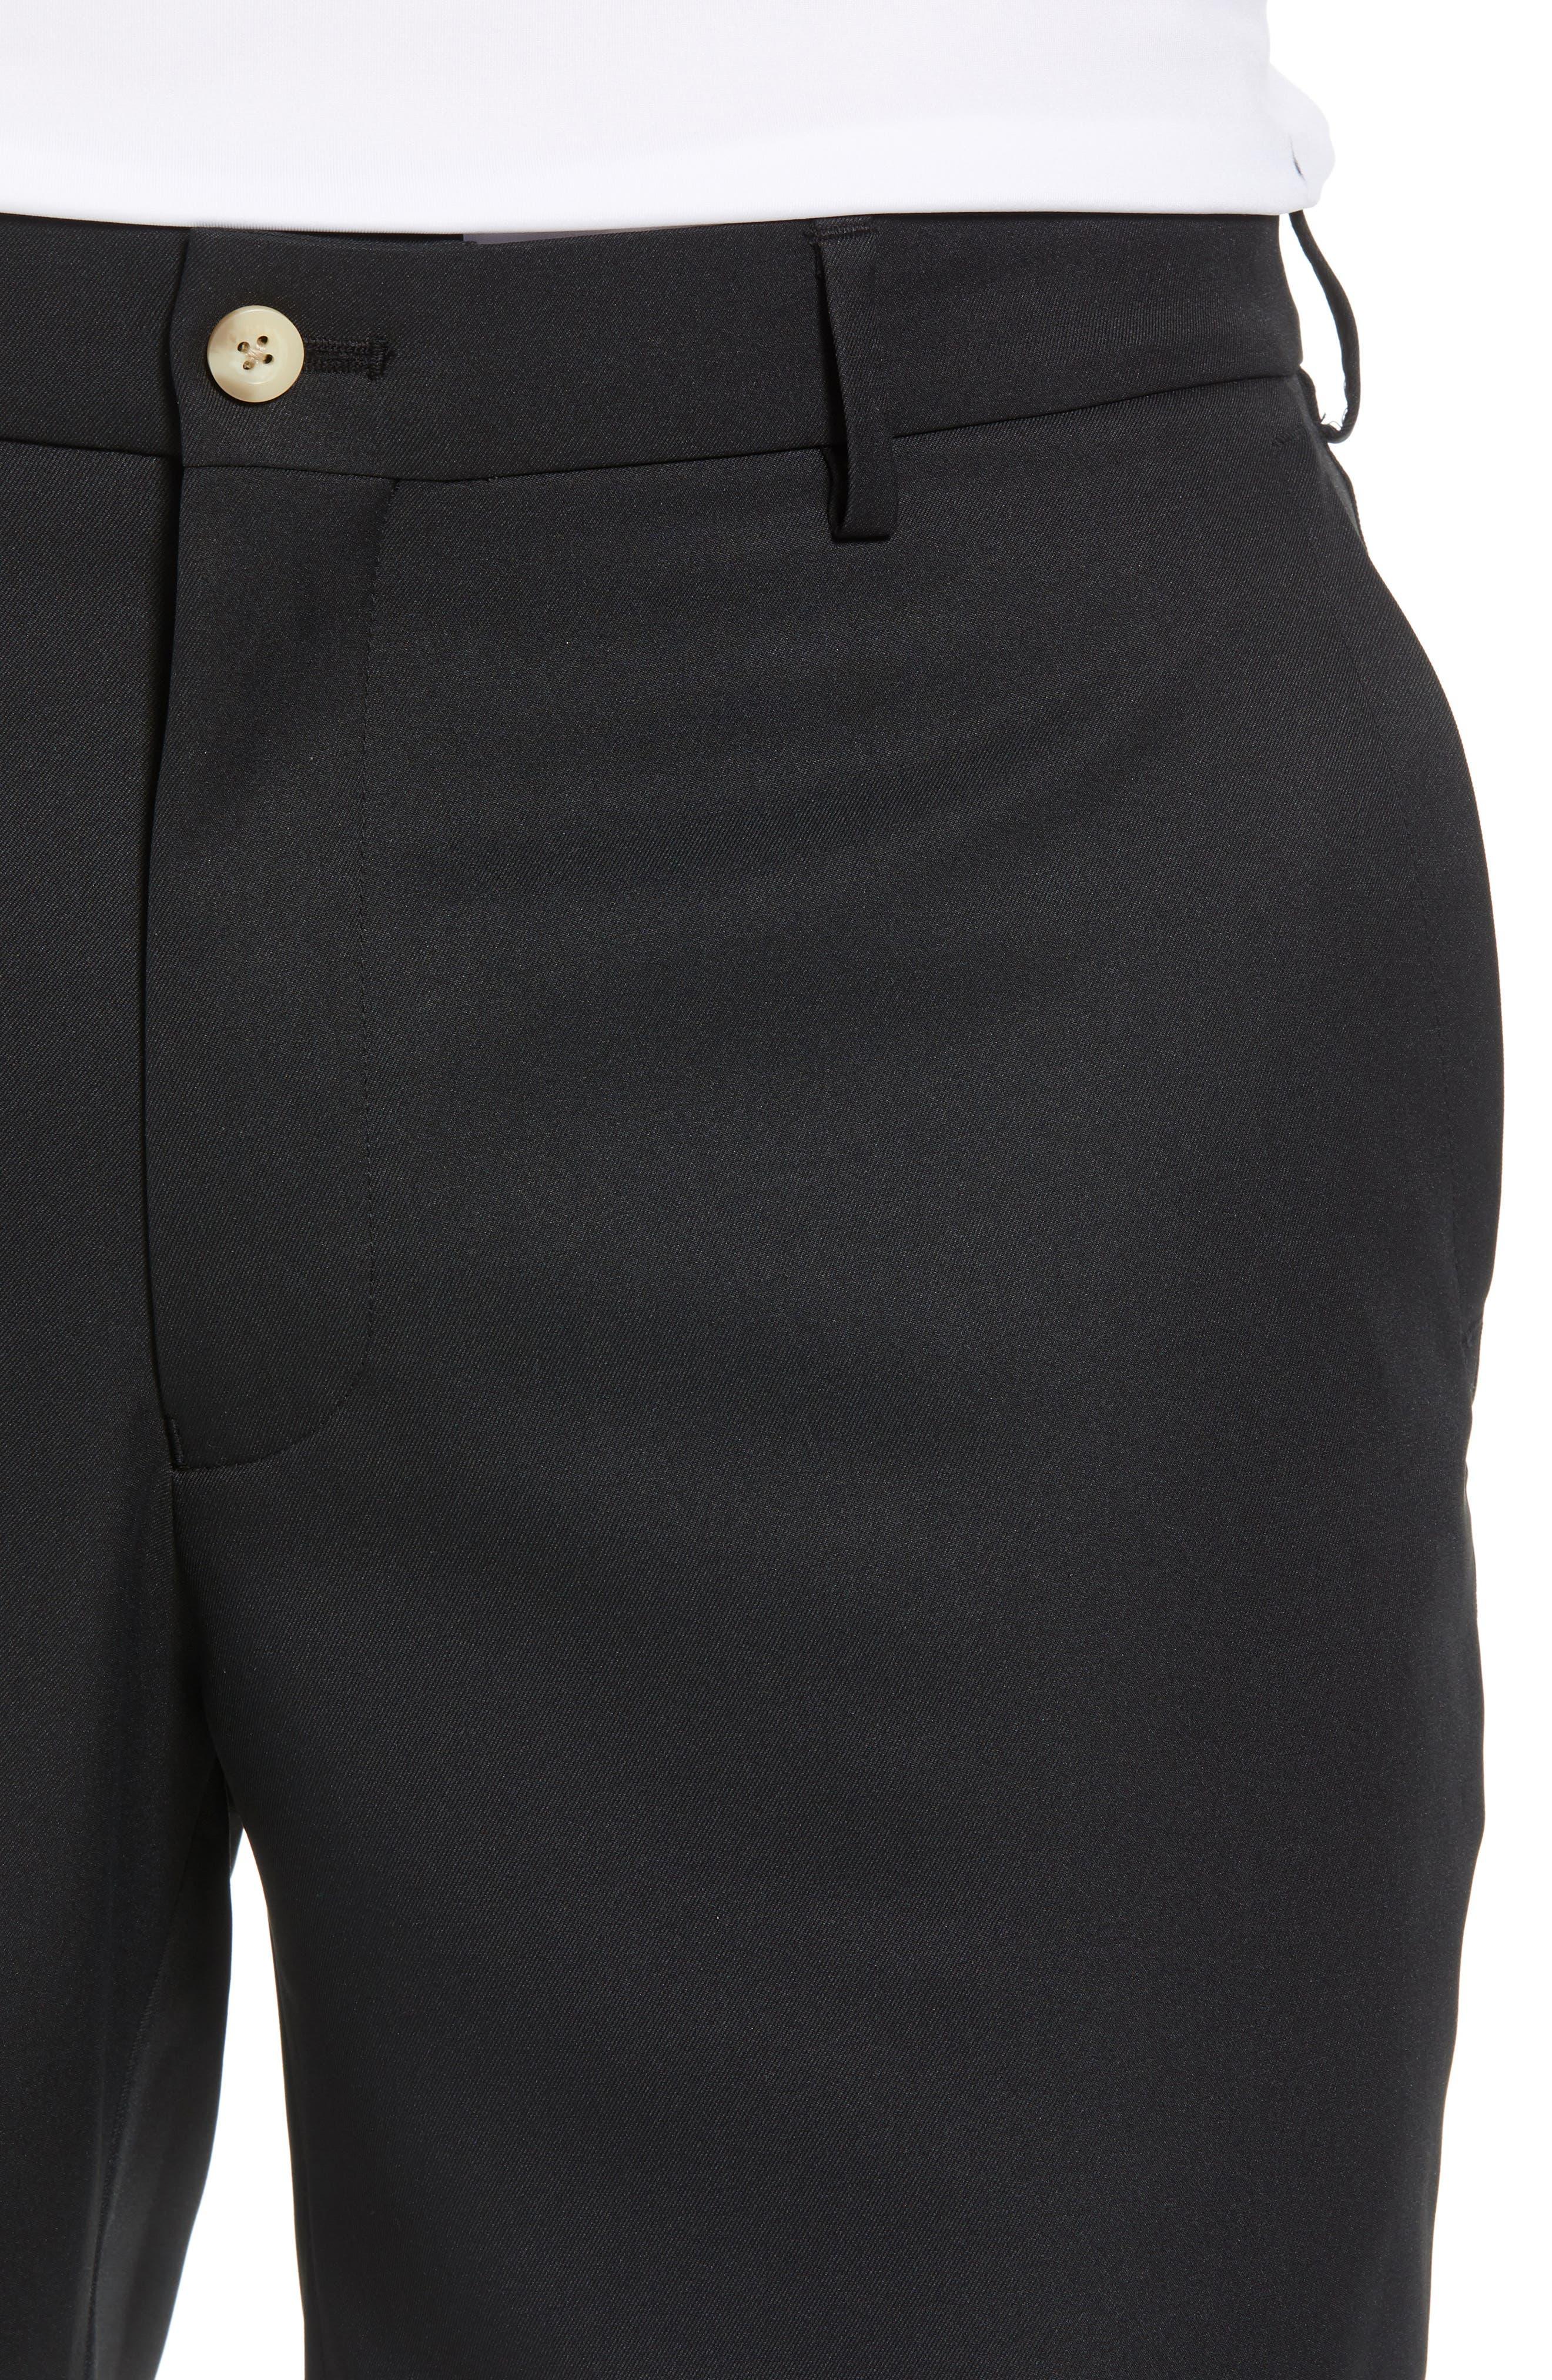 PETER MILLAR, Salem High Drape Performance Shorts, Alternate thumbnail 4, color, BLACK